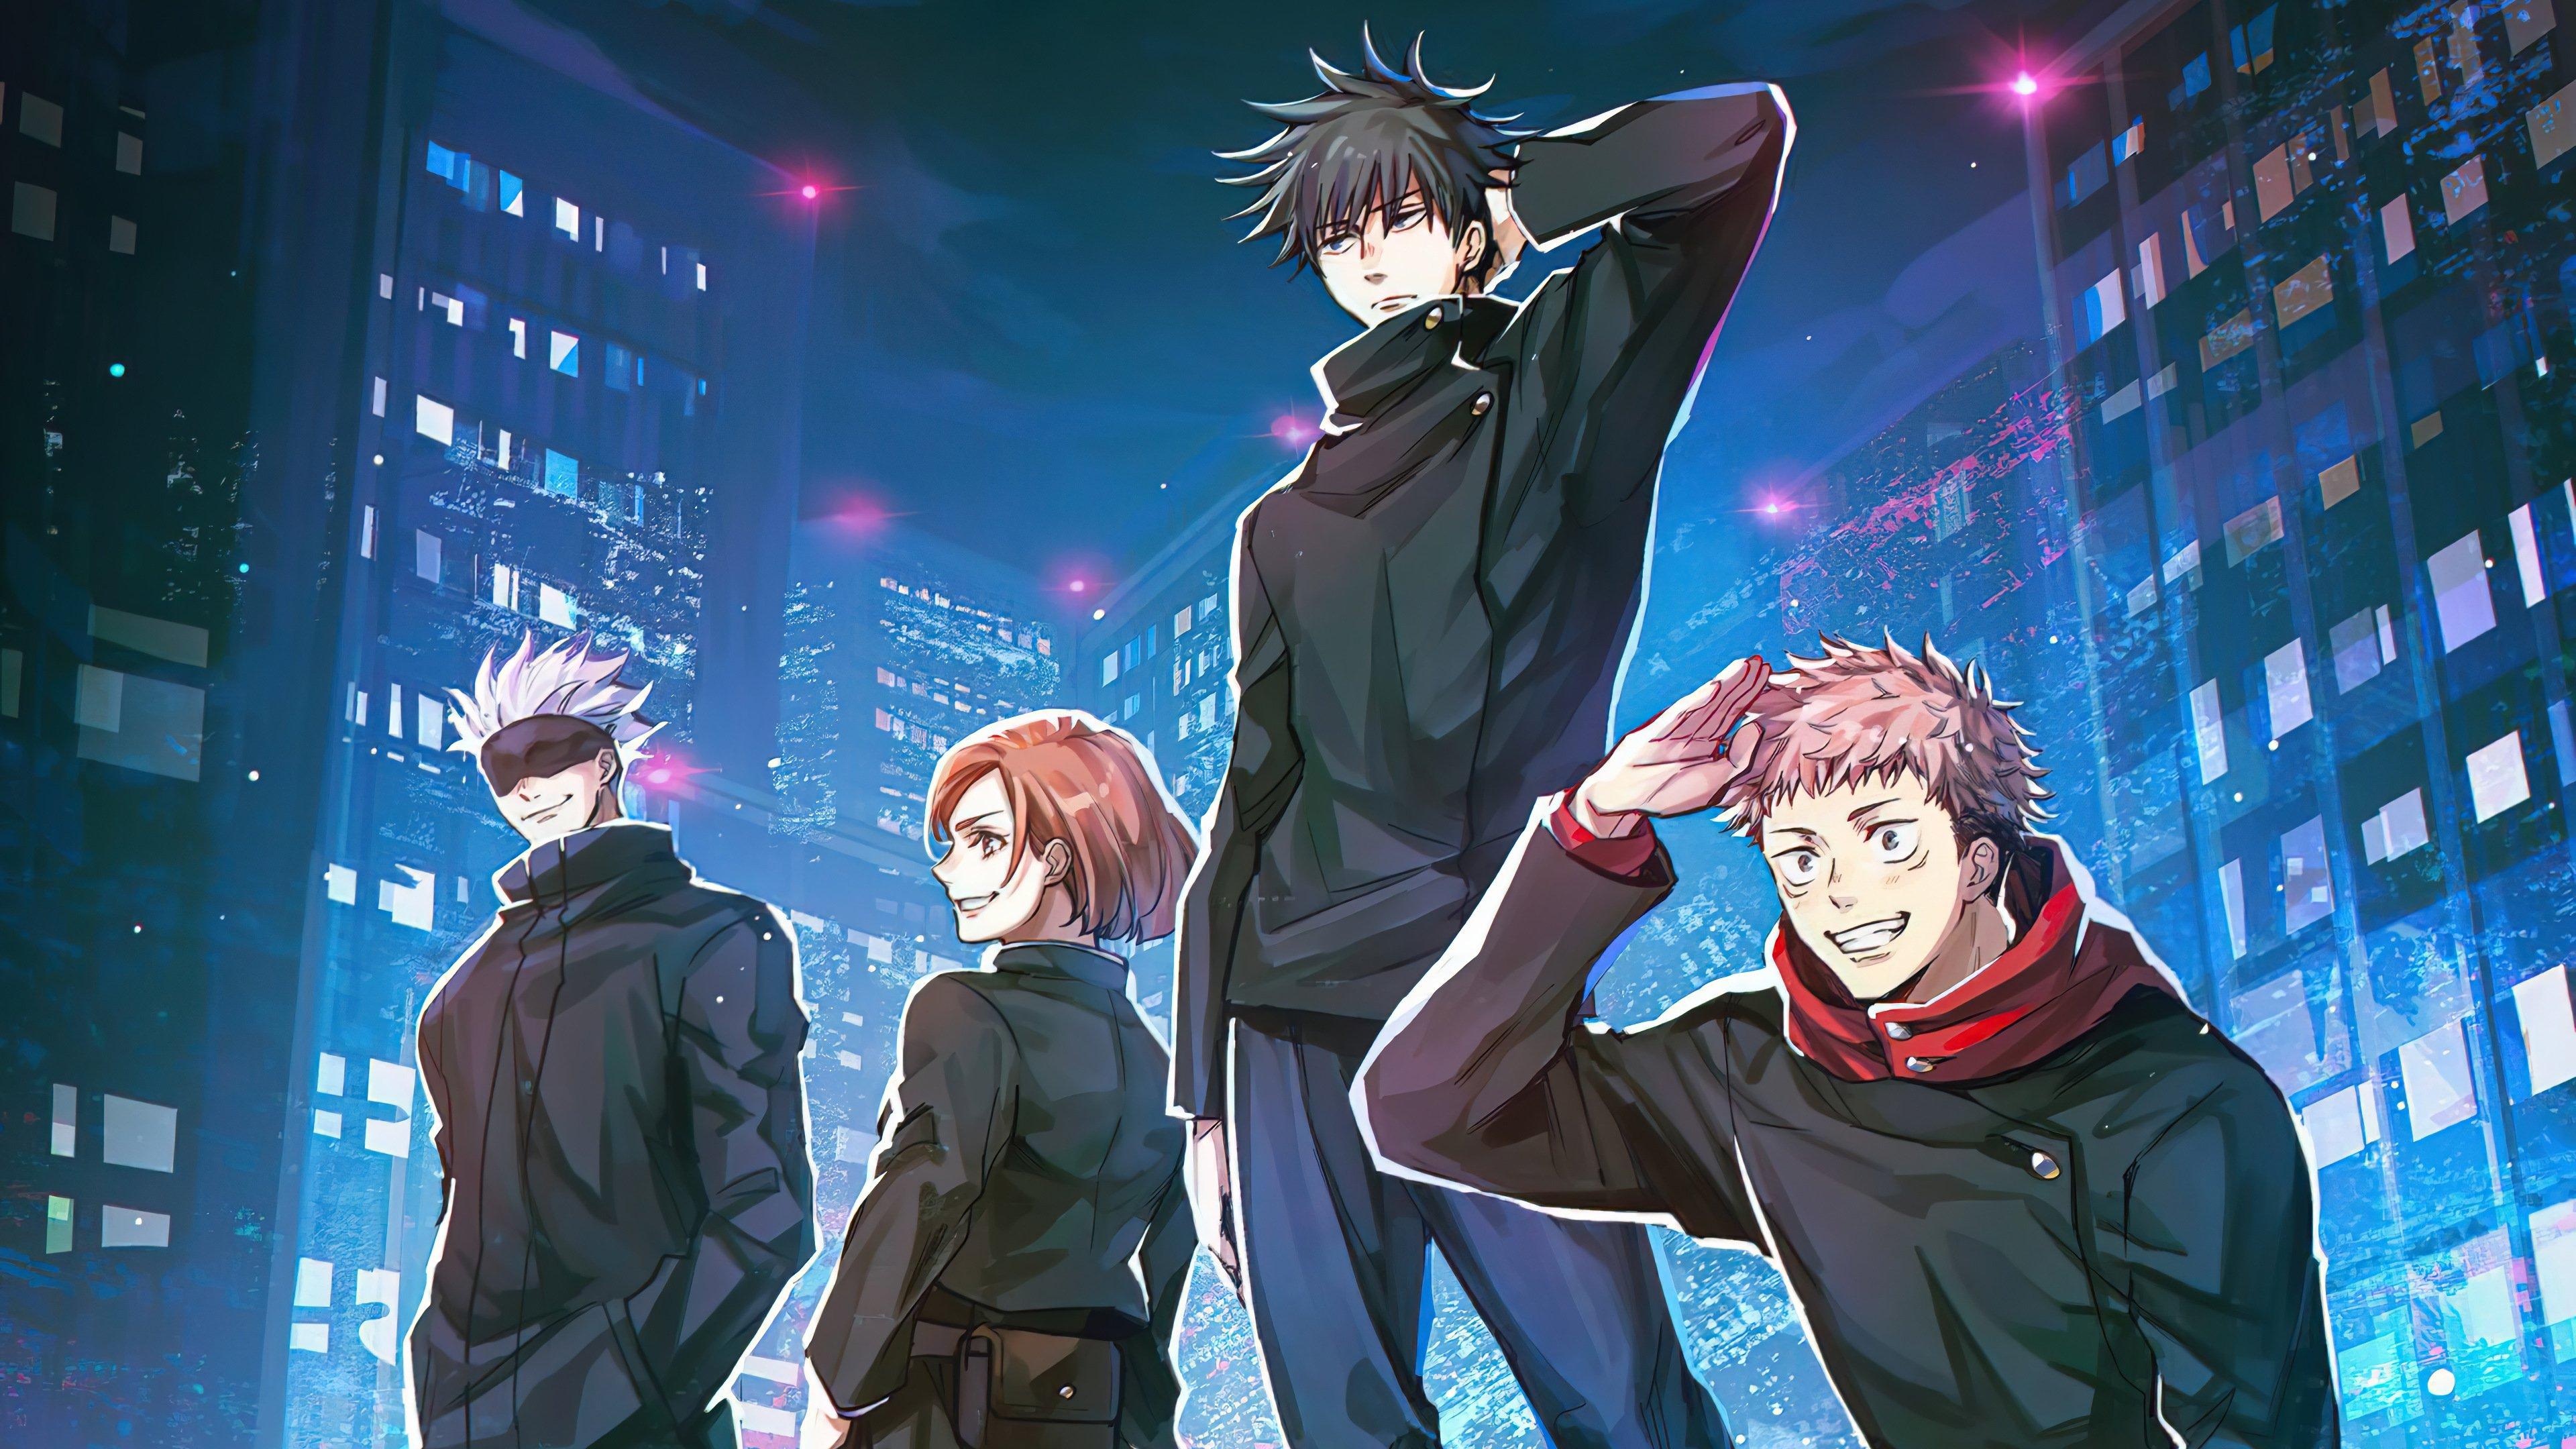 Fondos de pantalla Anime Personajes de Jujutsu Kaisen